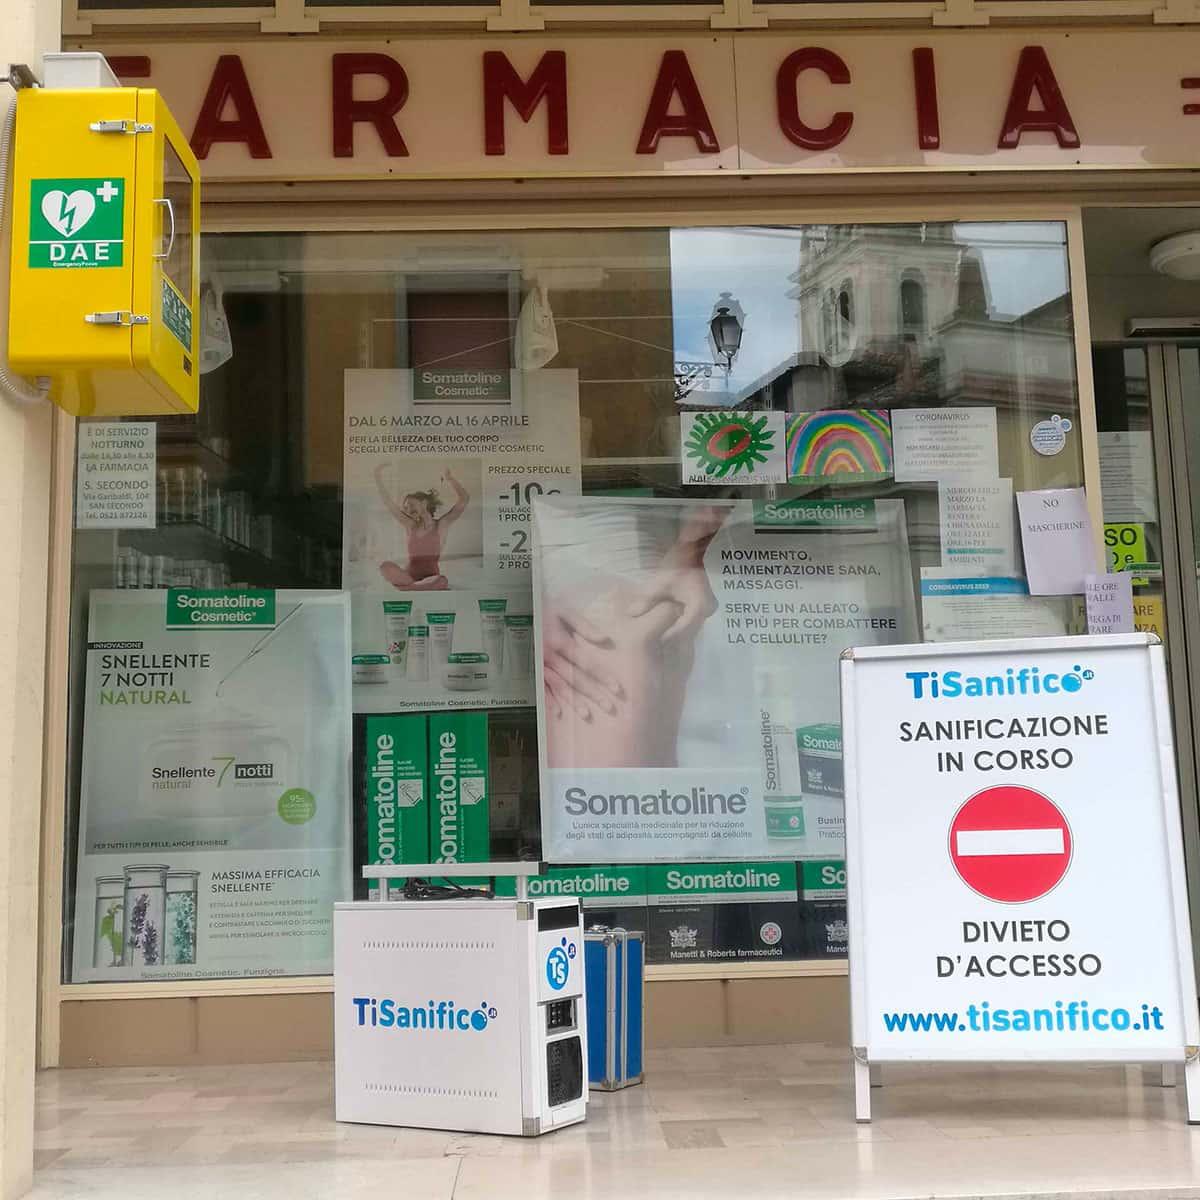 TiSanifico-Farmacia